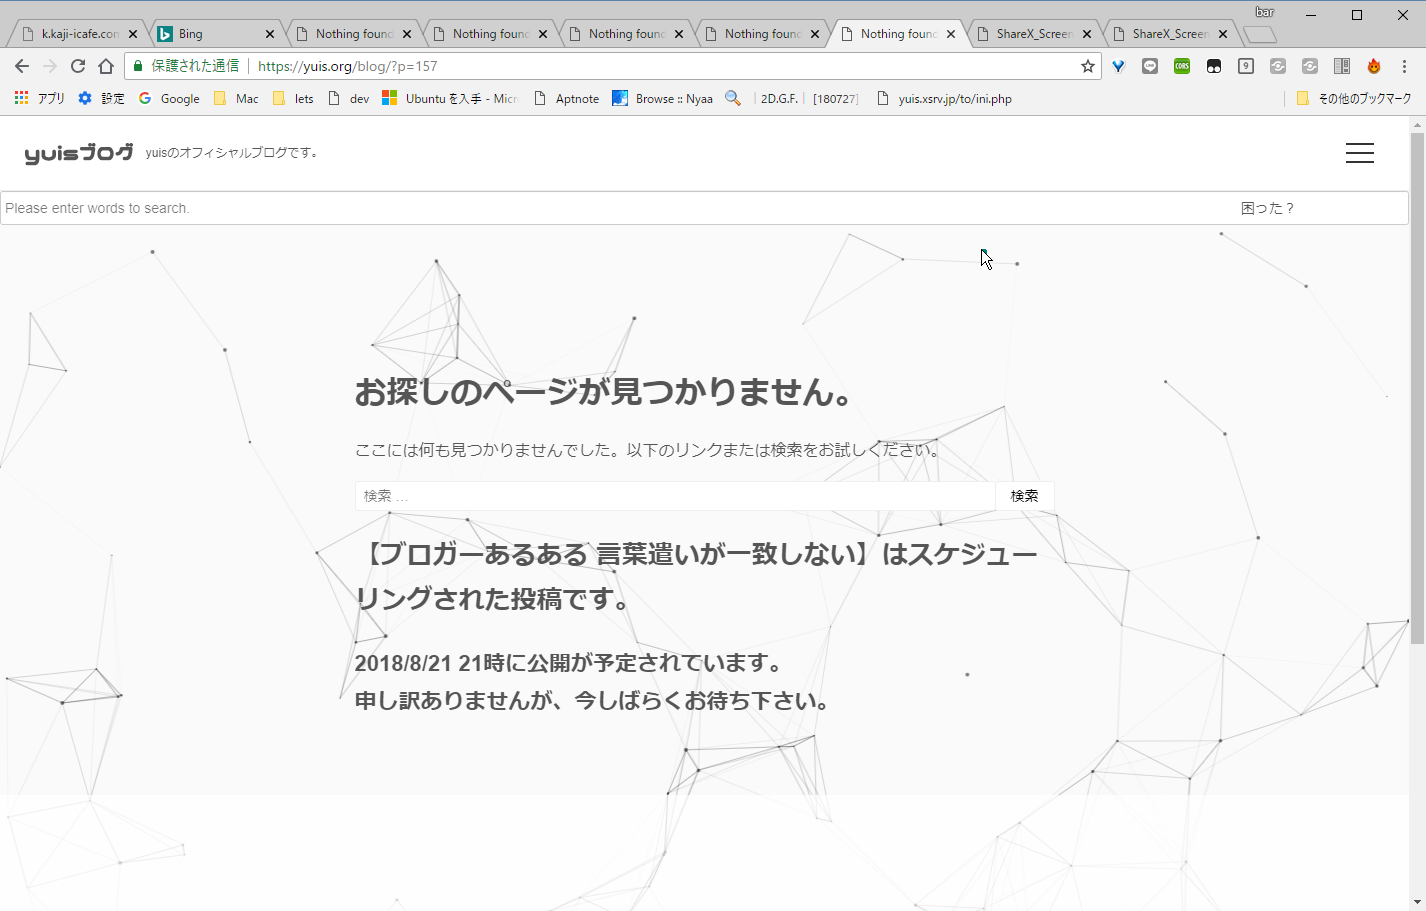 https://yuis.xsrv.jp/images/ss/ShareX_ScreenShot_b9068264-e858-4c42-ad9d-265fce04e27d.png